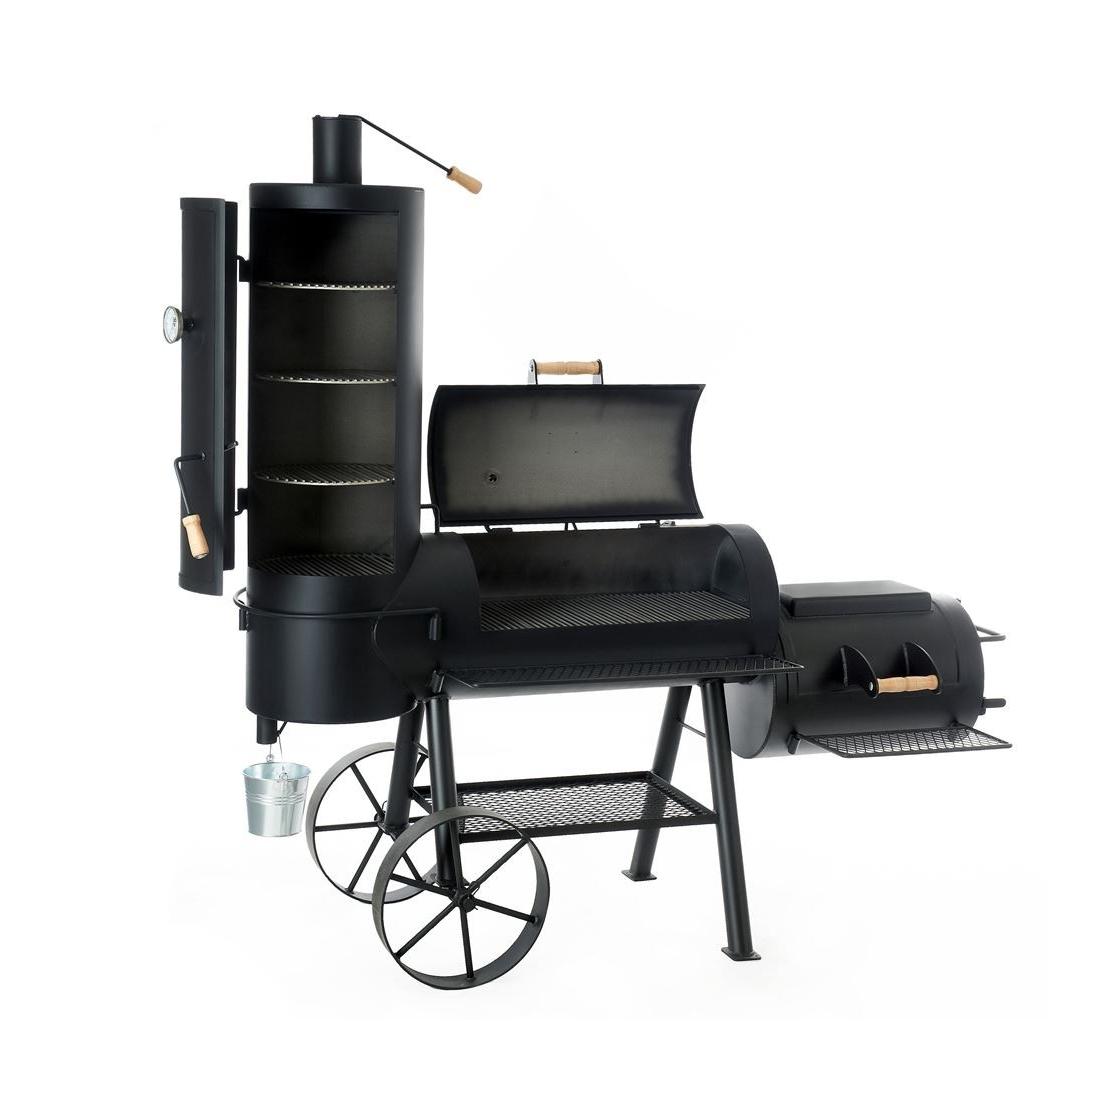 Joe S Bbq Smoker Chuckwagon 174 16 Quot Griller Shop Graz